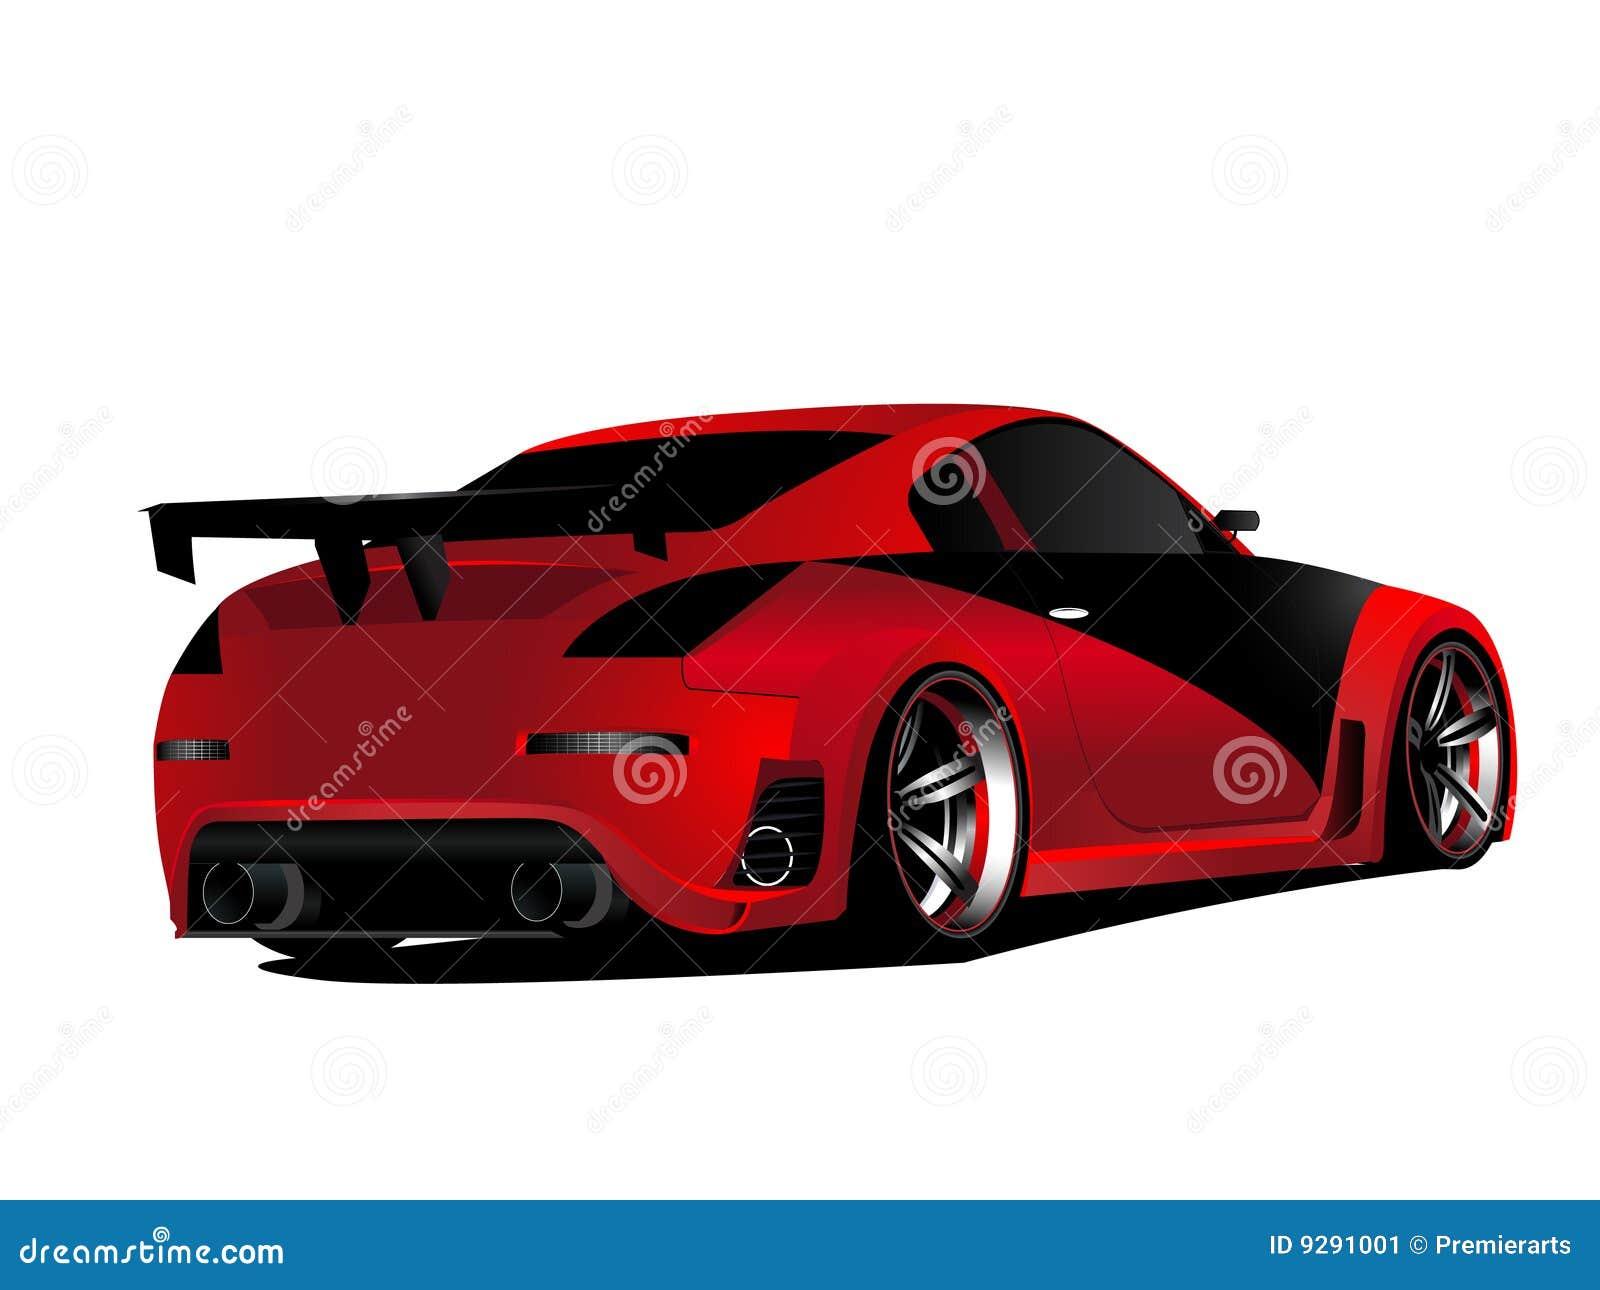 Derivação vermelha personalizada de nissan 350z turbo do nismo